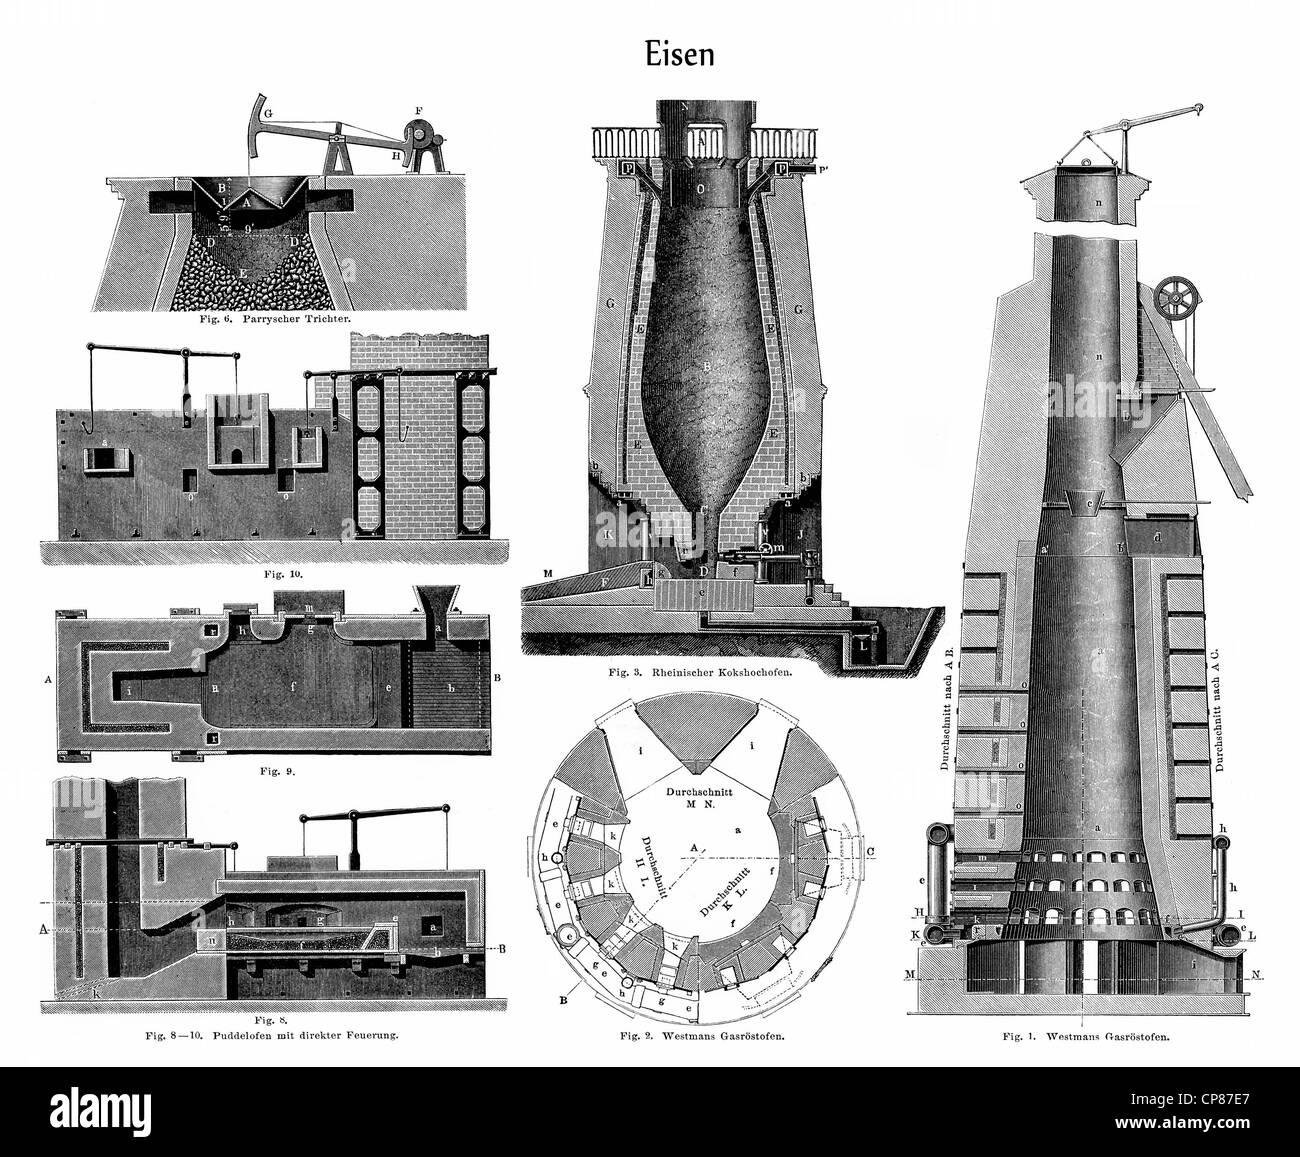 Graphic depiction, technical processing of iron in different blast furnaces, Zeichnerische Darstellung, technische - Stock Image